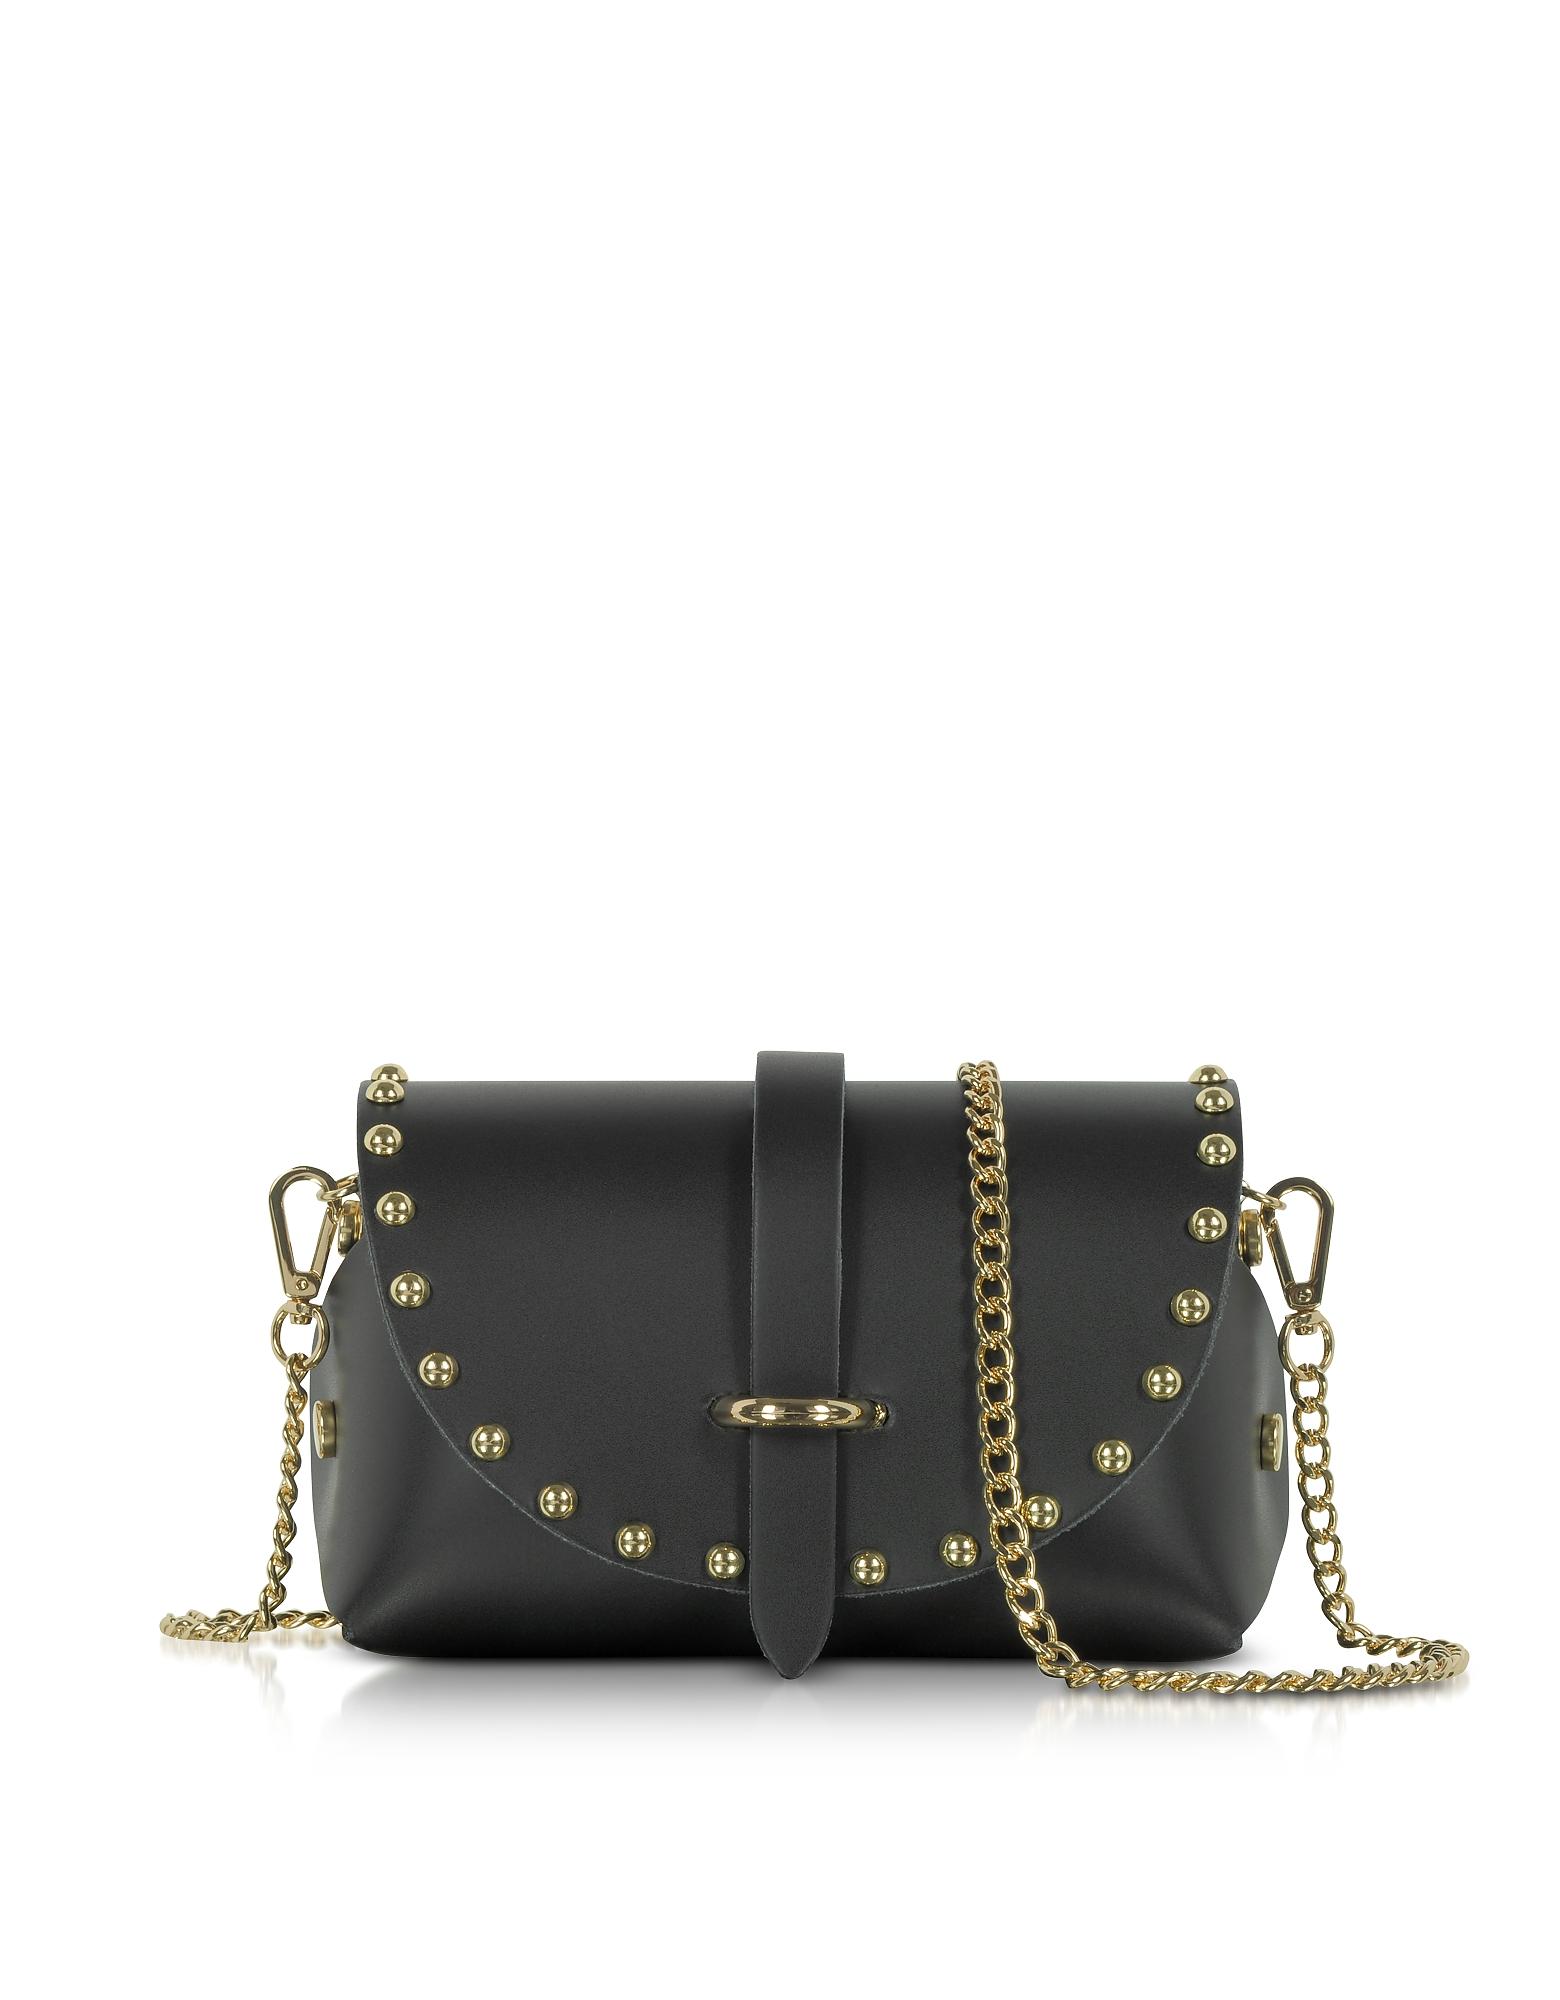 Le Parmentier Handbags, Caviar Mini Black Leather Shoulder Bag w/Studs